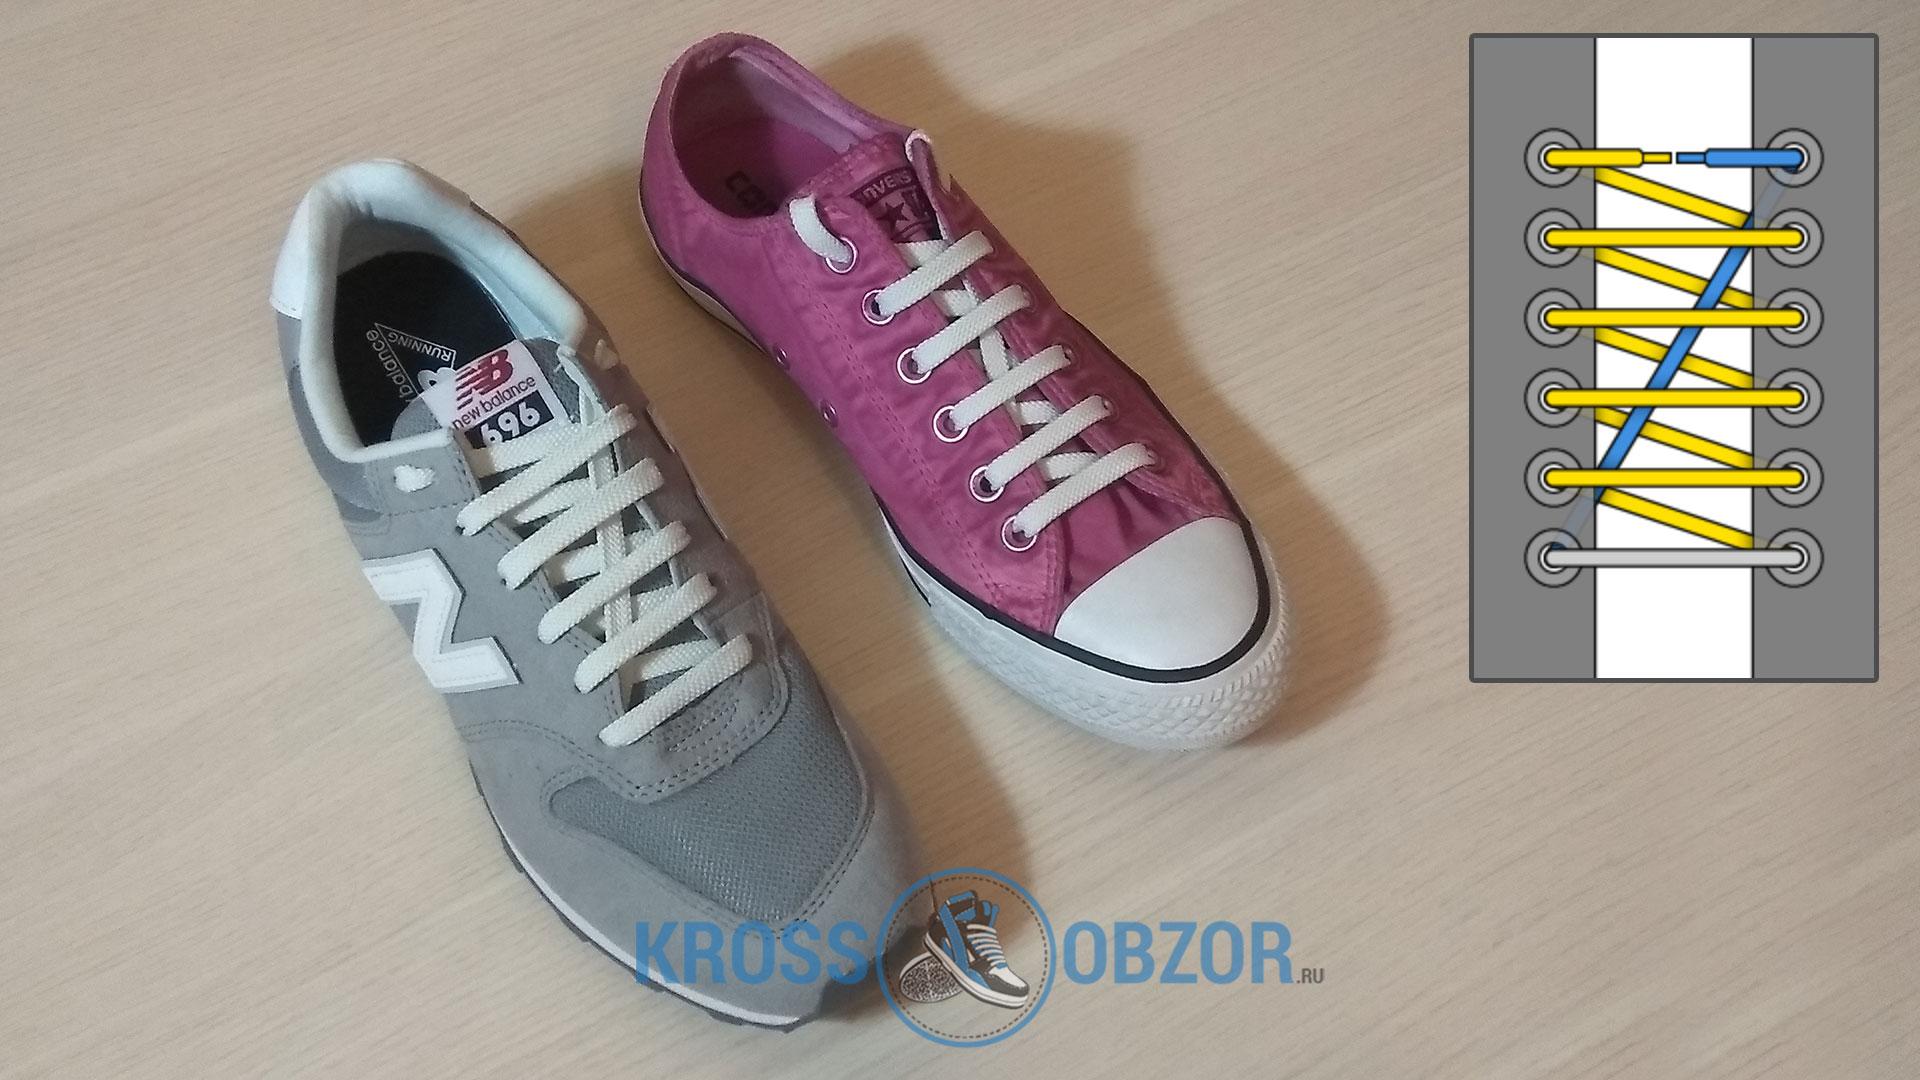 Магазинная шнуровка для кроссовок и кед